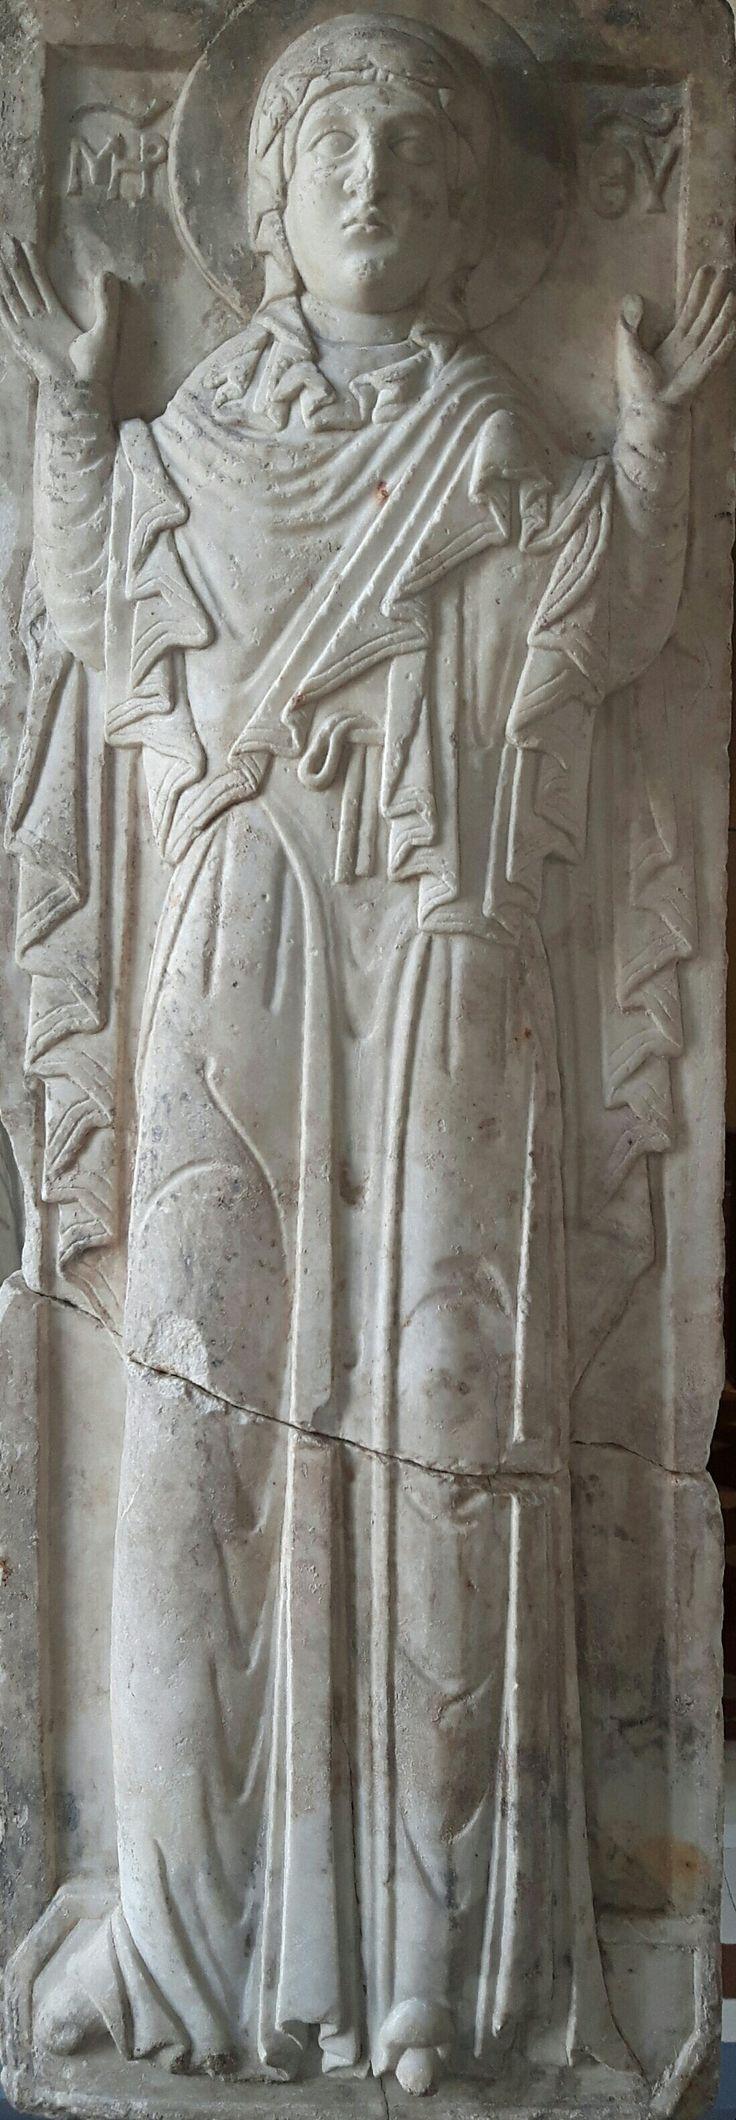 Rilievo in marmo della Madre di Dio. 1275. Bode Museum Berlino